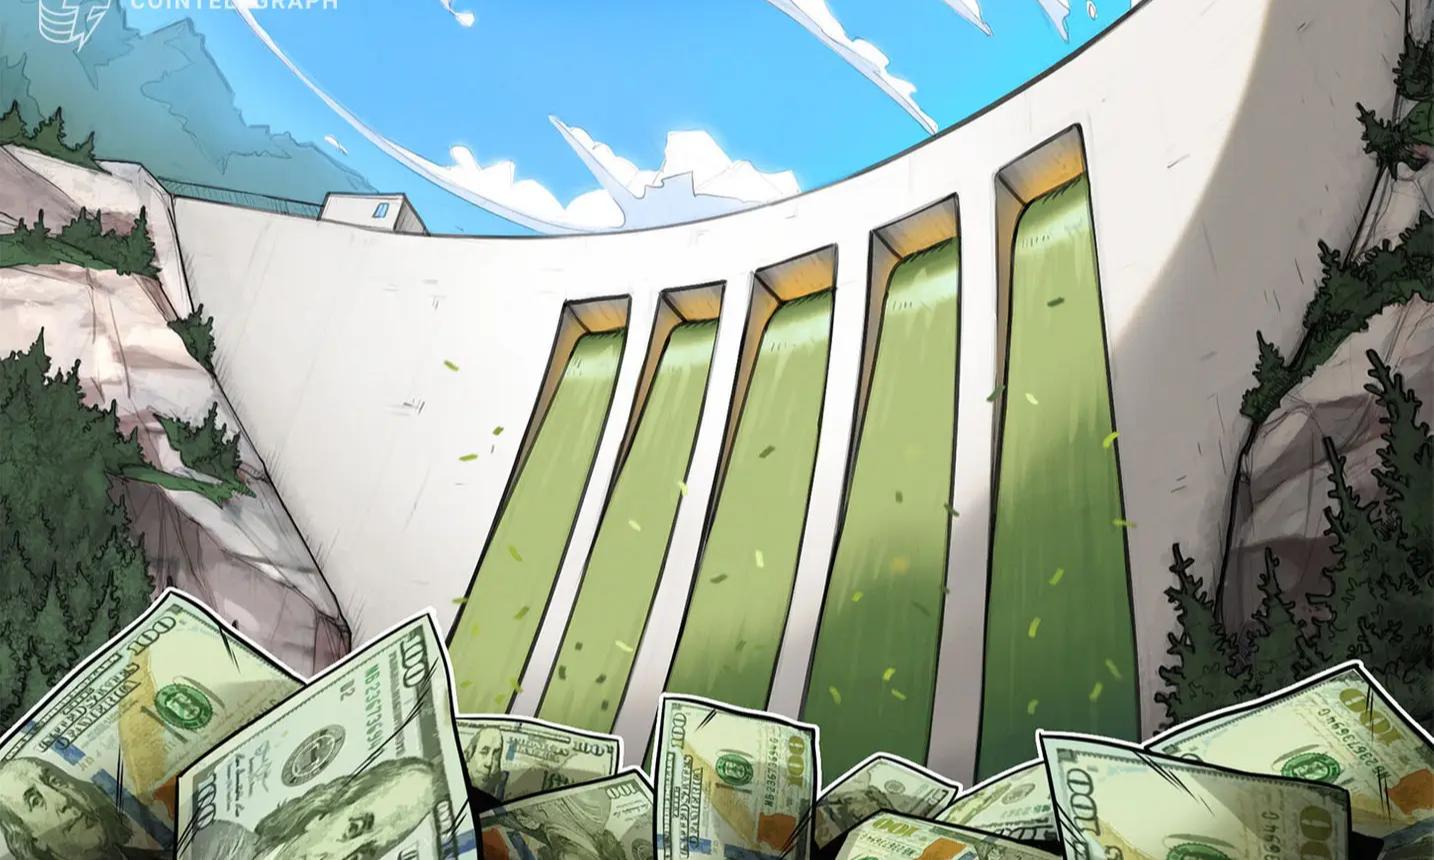 融资新闻丨数字资产管理公司Monochrome完成180万美元A轮融资,莱特币创始人查理·李等领投